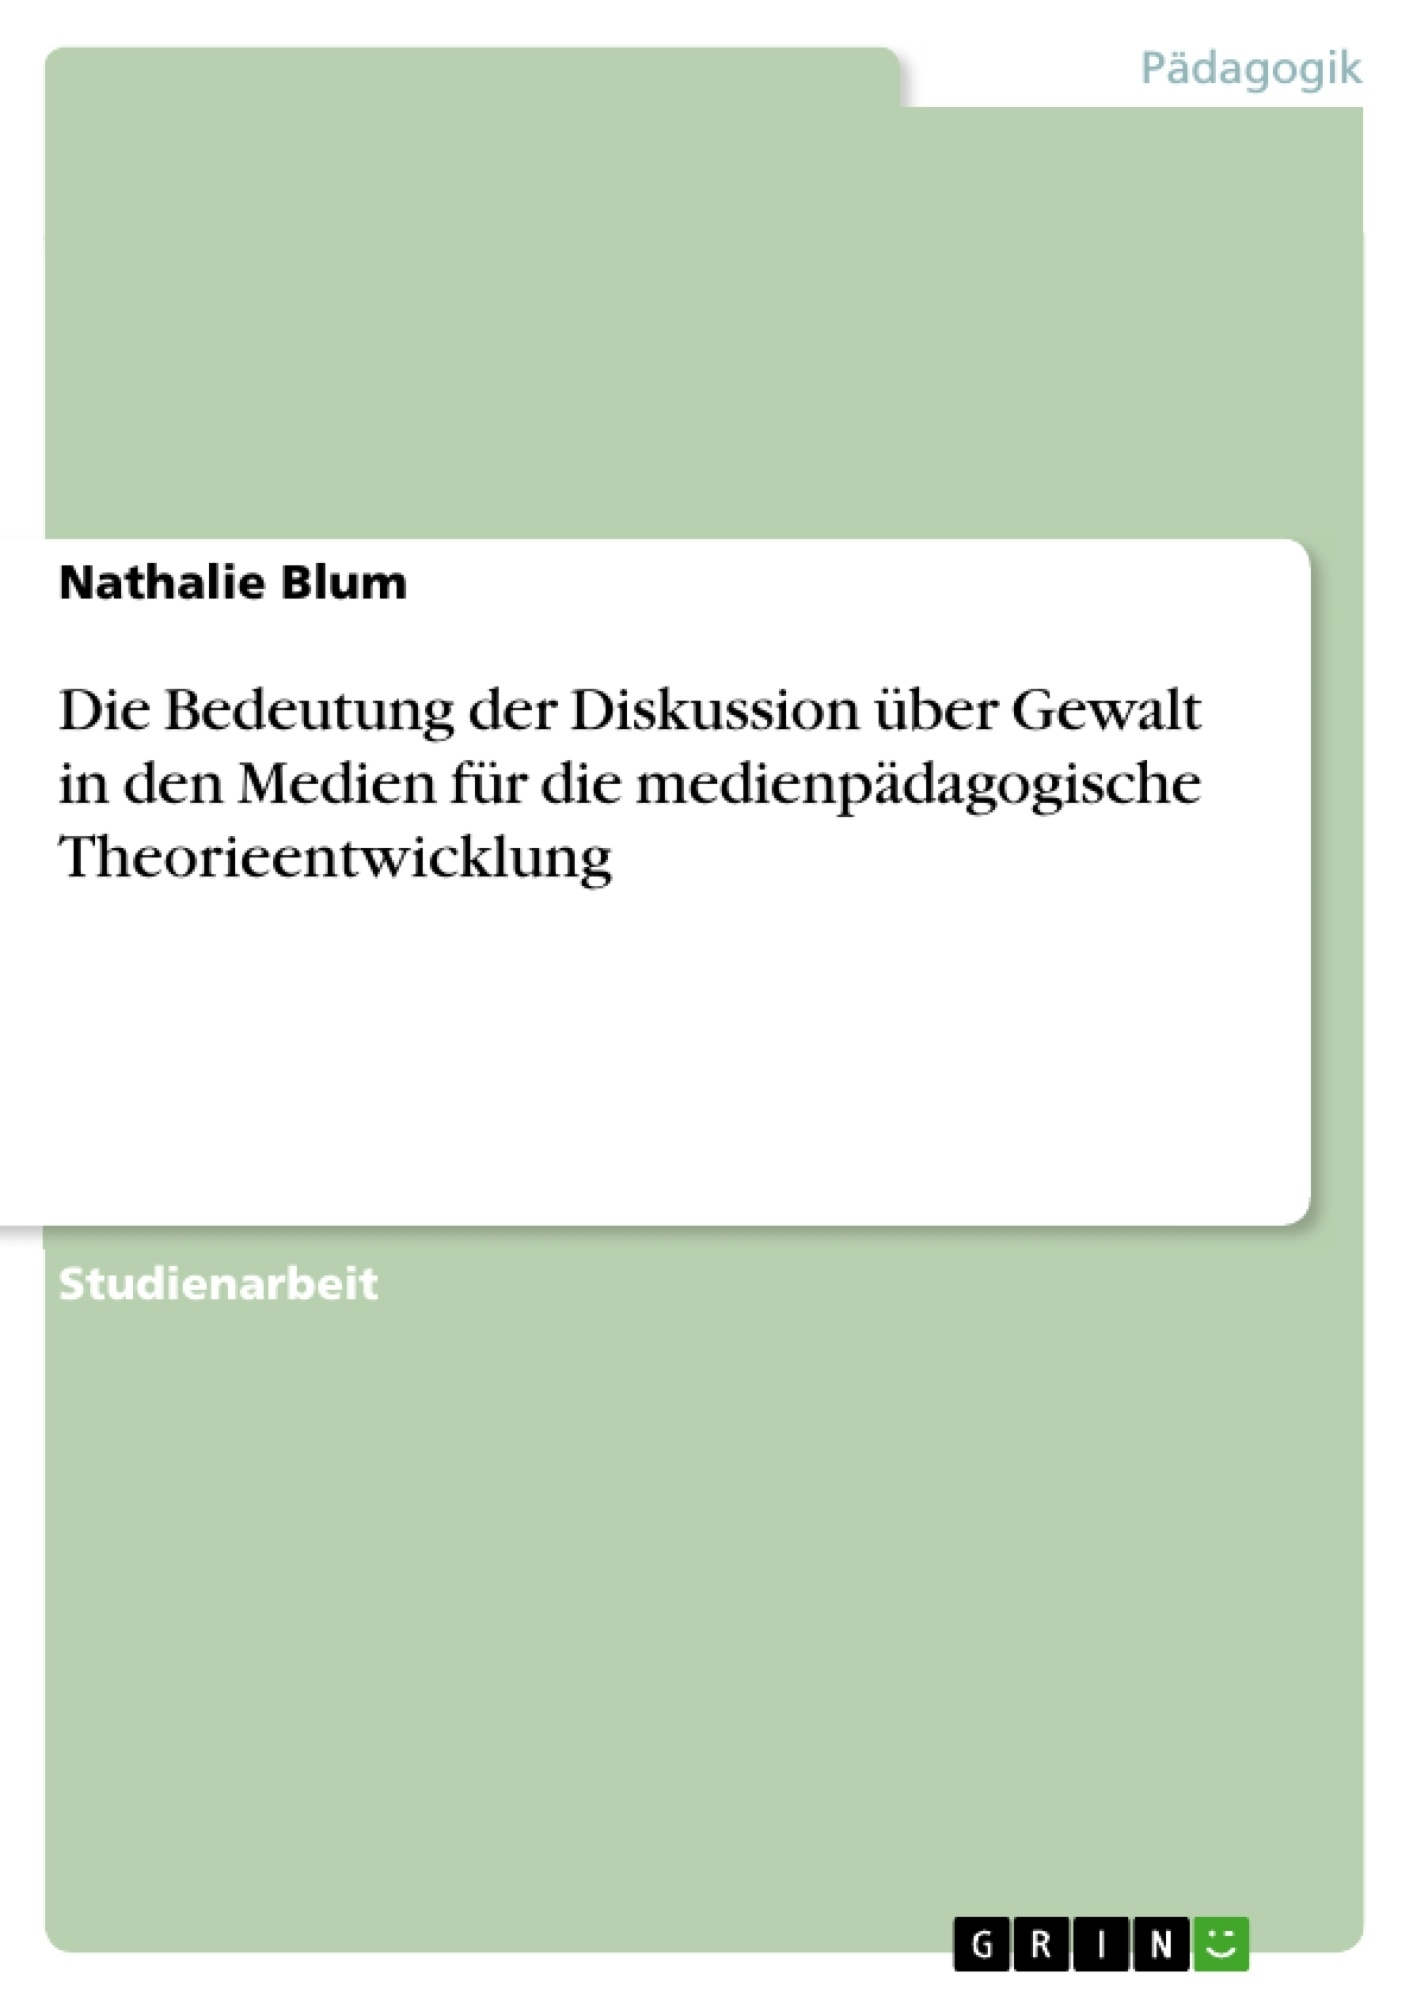 Titel: Die Bedeutung der Diskussion über Gewalt in den Medien für die medienpädagogische Theorieentwicklung